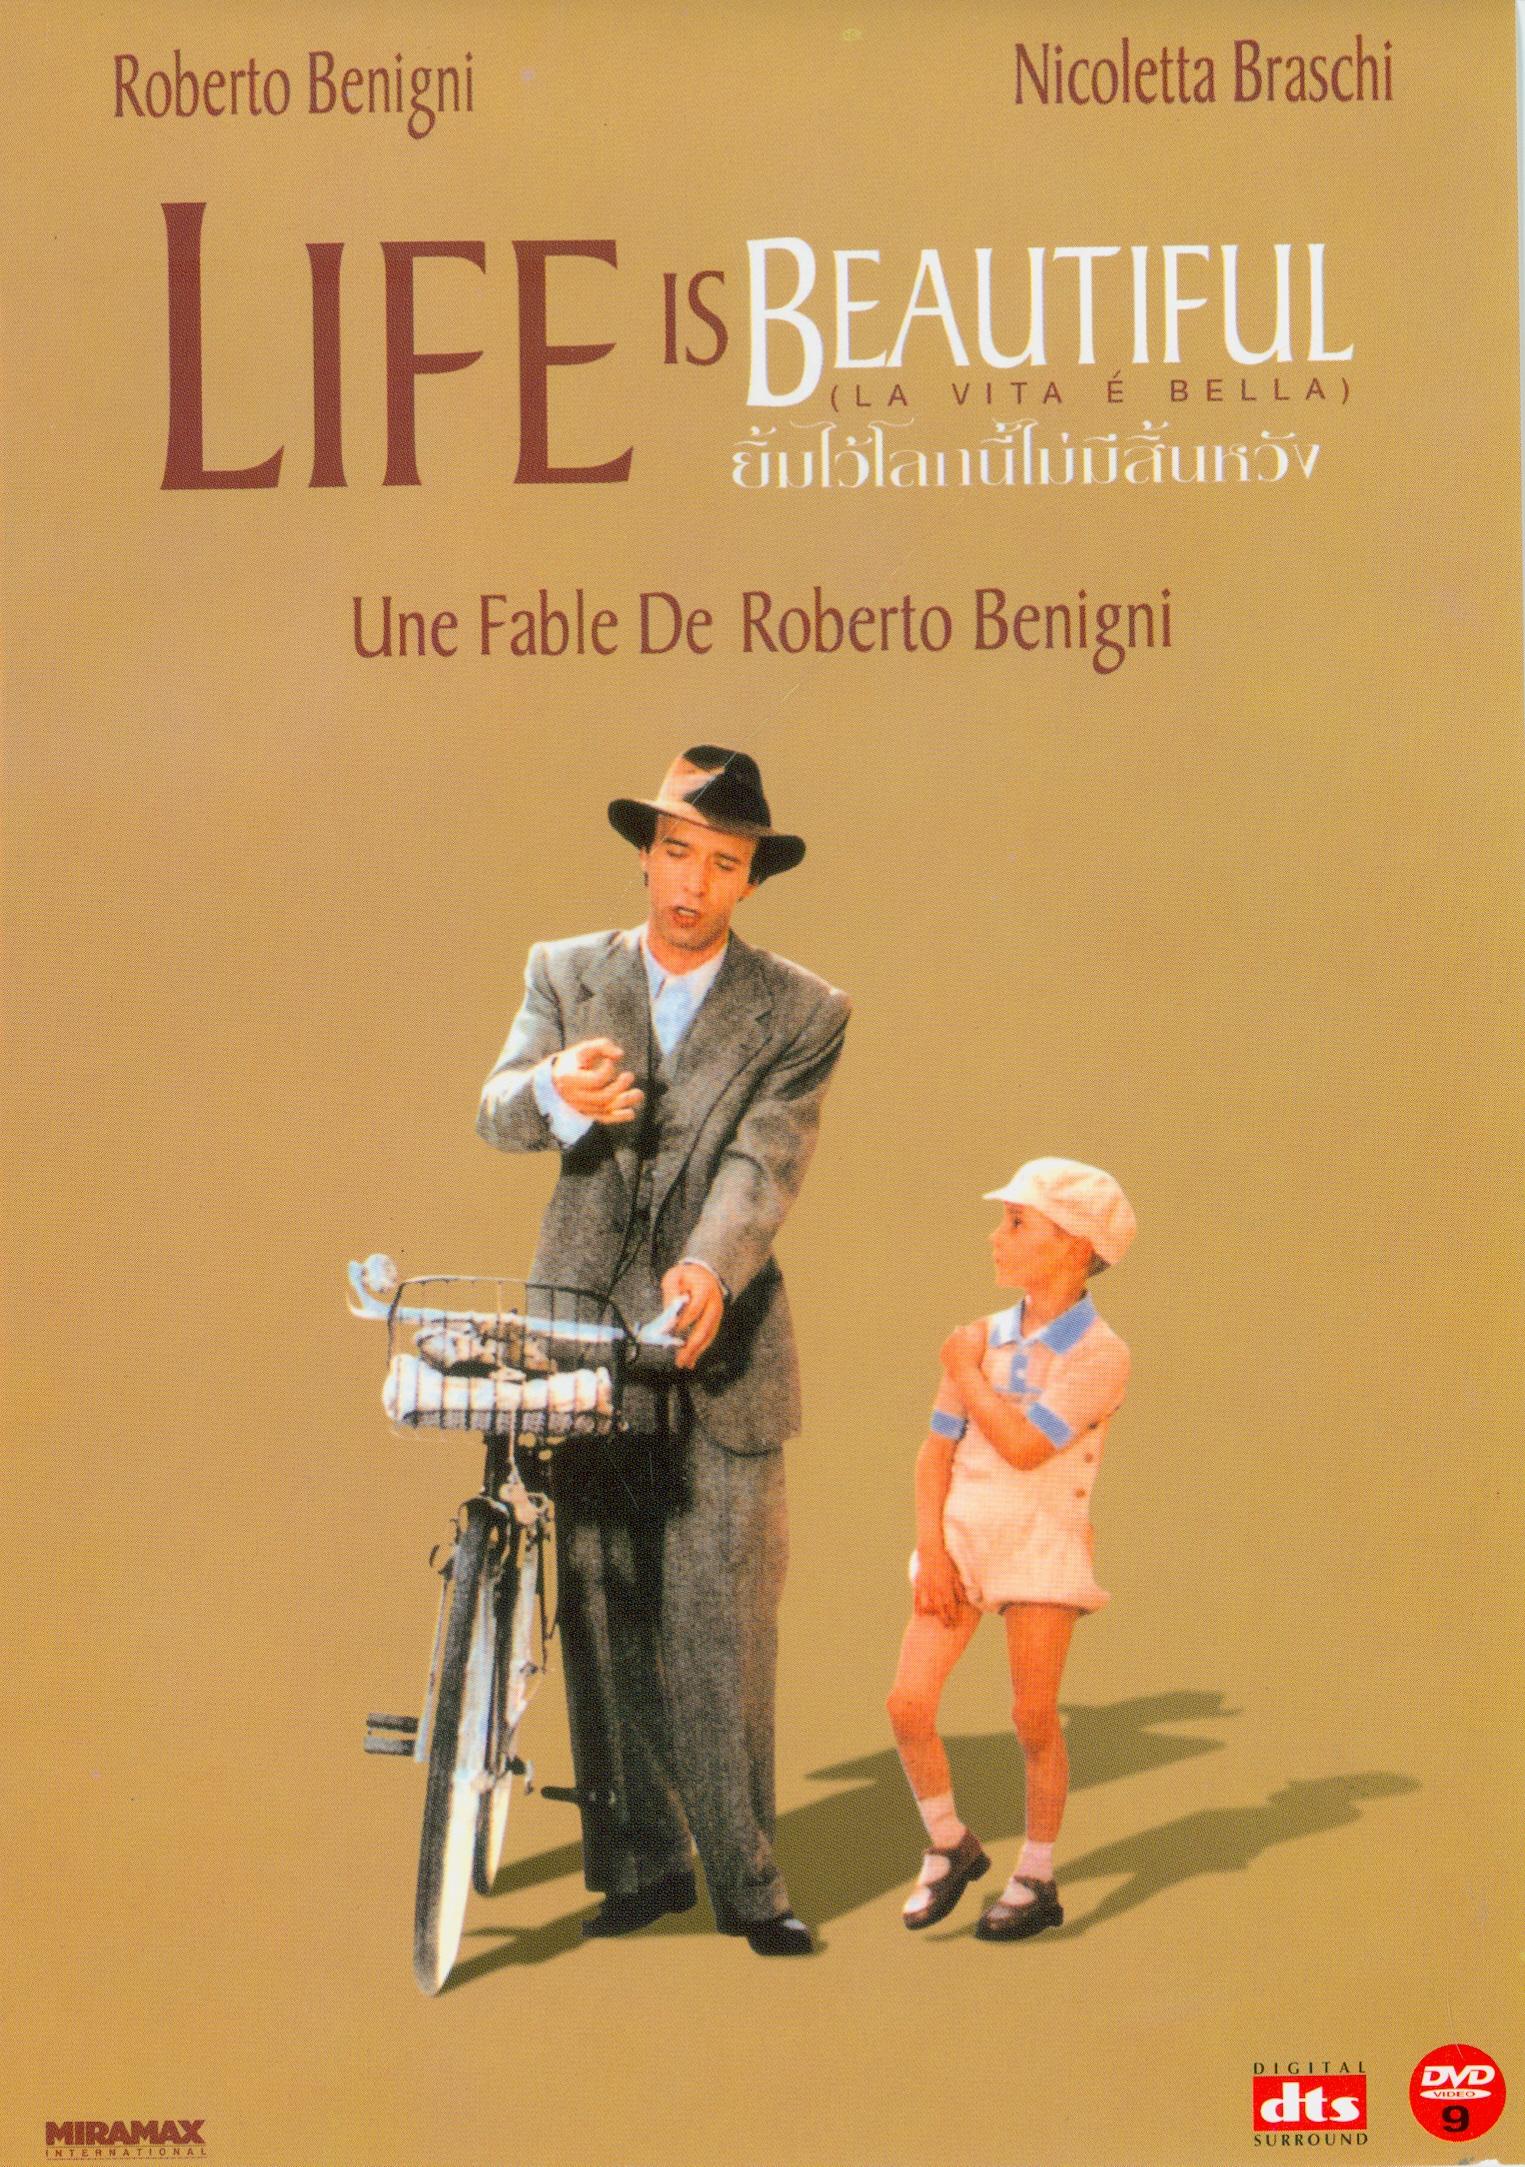 Life is beautiful[videorecording] /Miramax Films ; Cecchi Gori Group ; Mario and Vittorio Cecchi Gori presenta Melampo Cinematografica production ; directed by Roberto Benigni  Vita e bella